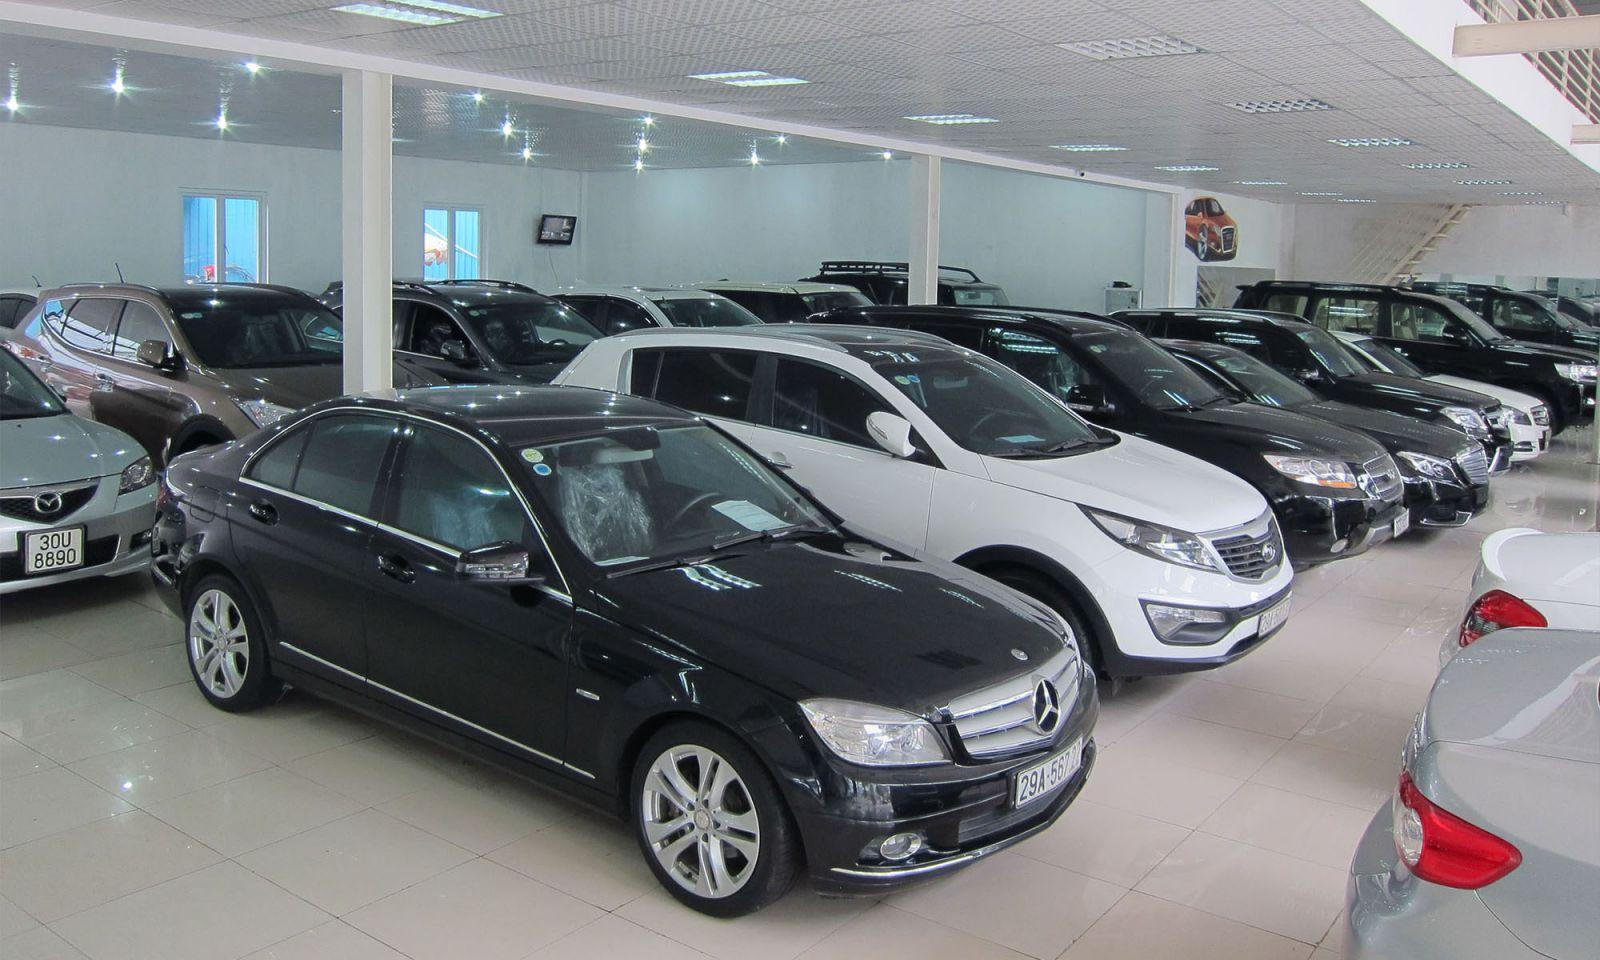 Bỏ túi những kinh nghiệm để mua được ô tô giá rẻ